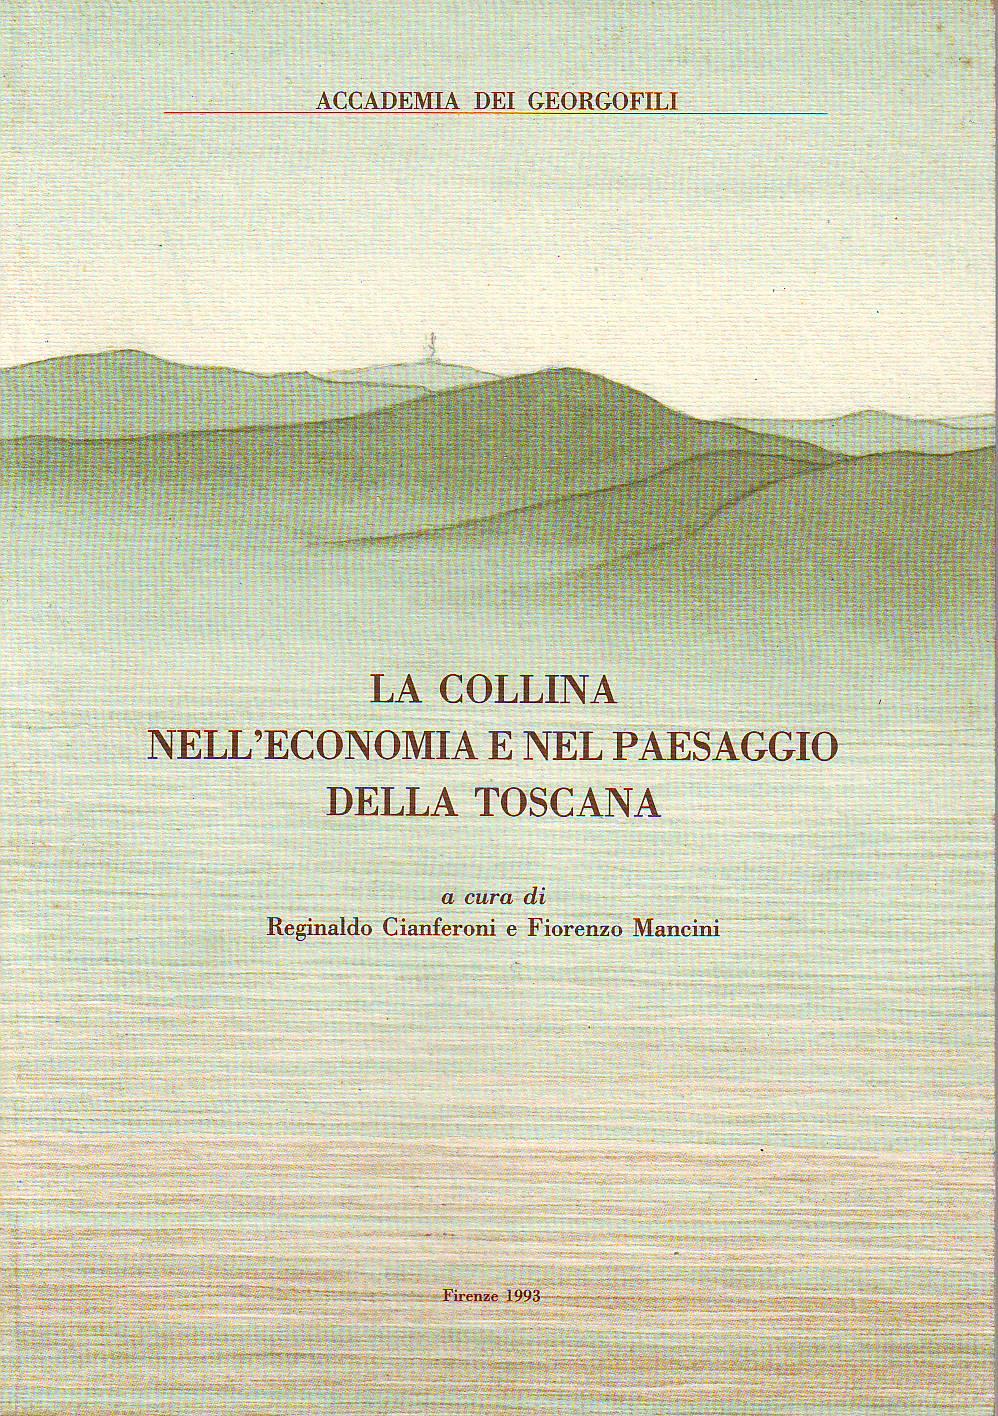 La collina nell'economia e nel paesaggio della Toscana